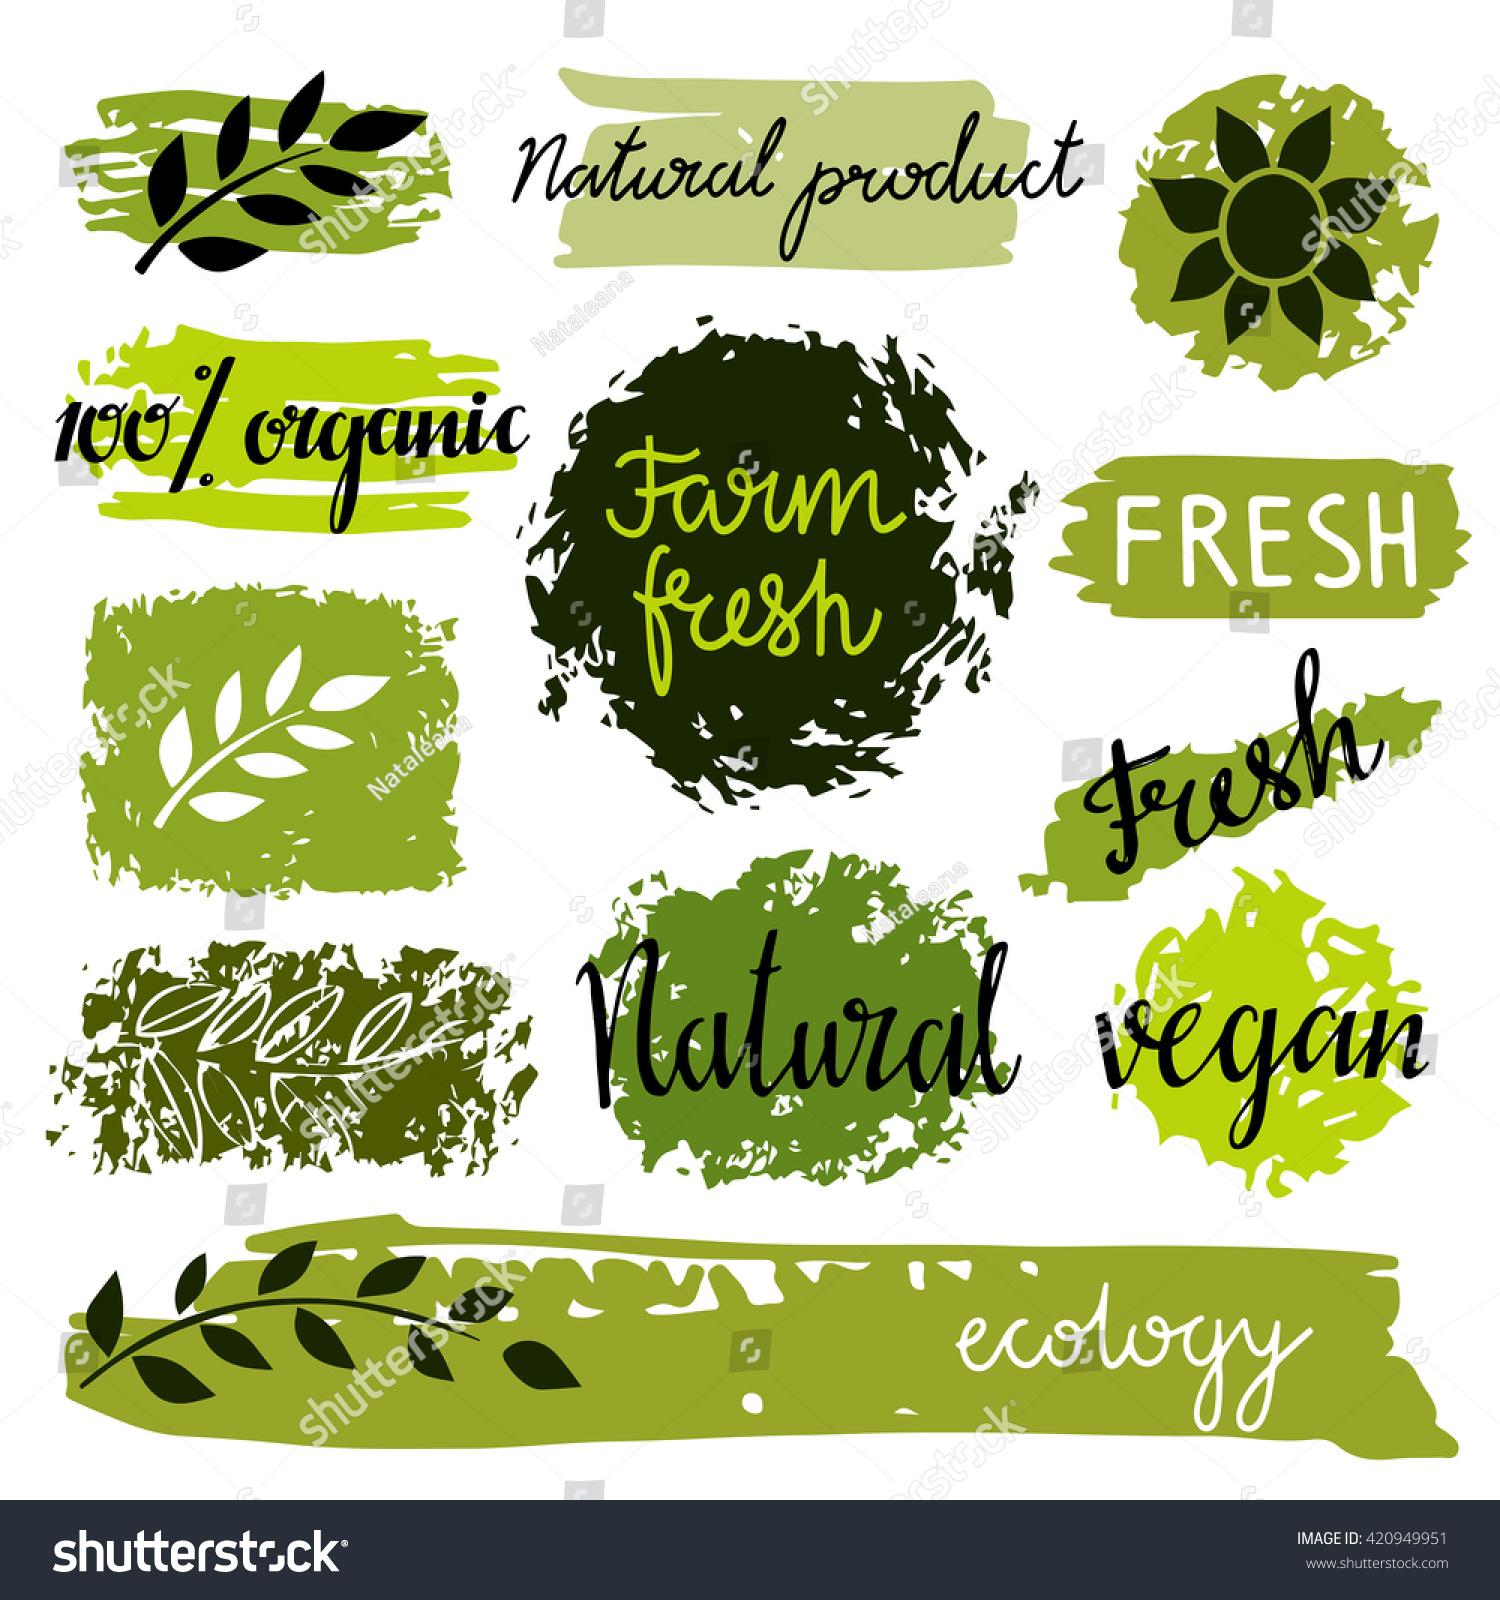 Organic Food Labels Set Bio Eco Stock Vector 420949951 - Shutterstock